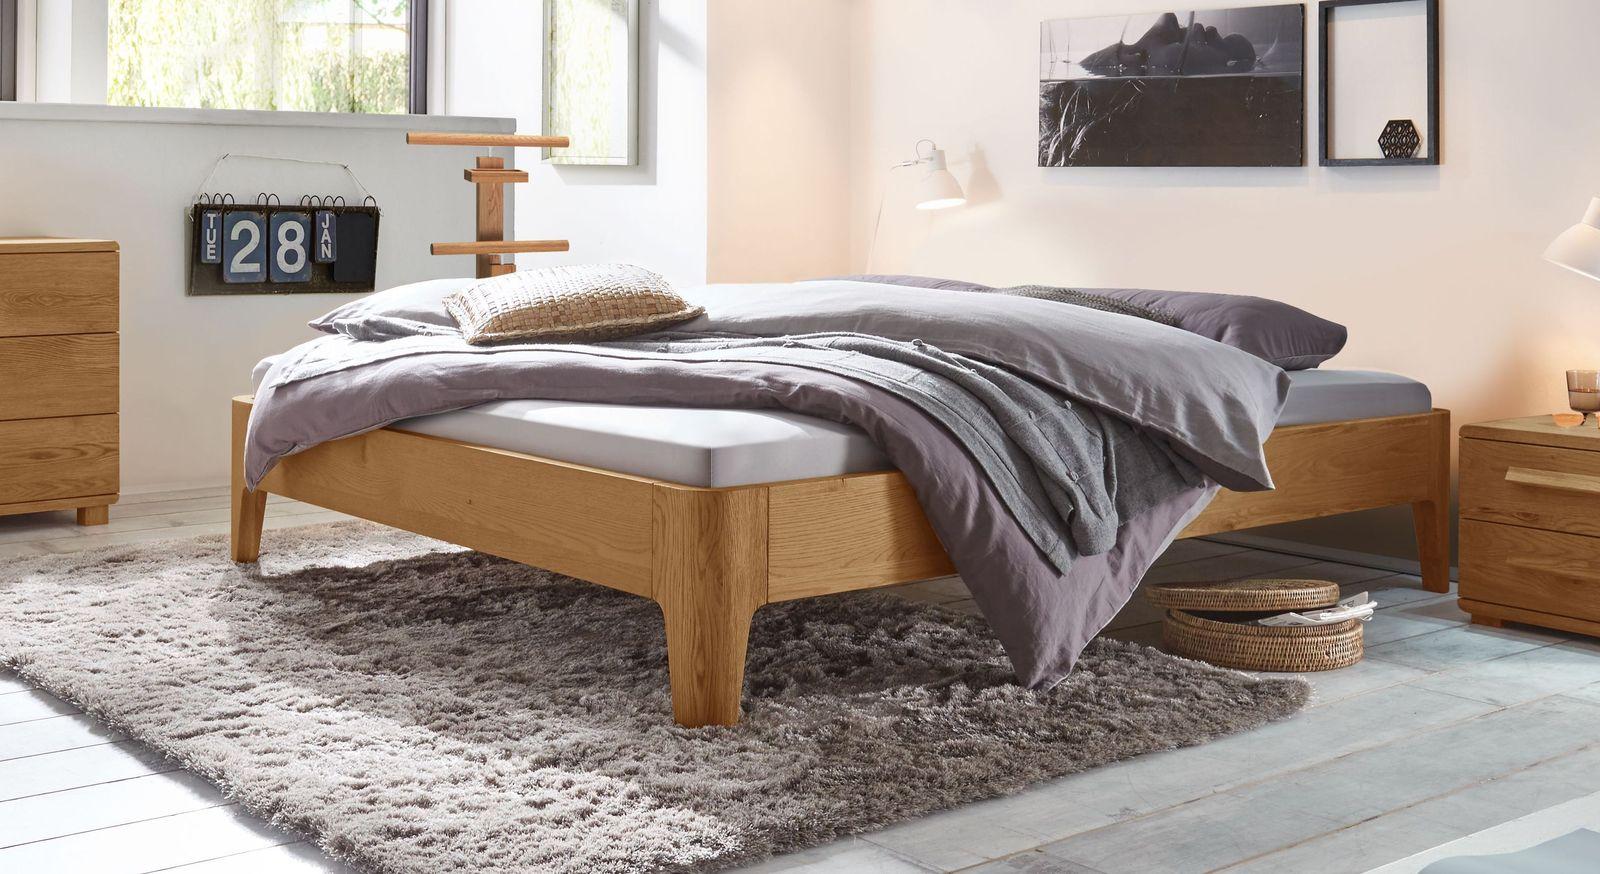 Entzuckend Gönnen Sie Sich Etwas Neues Für Ihr Schlafzimmer U2013 Die Elegante  Massivholzliege Wird Ihren Anforderungen Garantiert Gerecht.